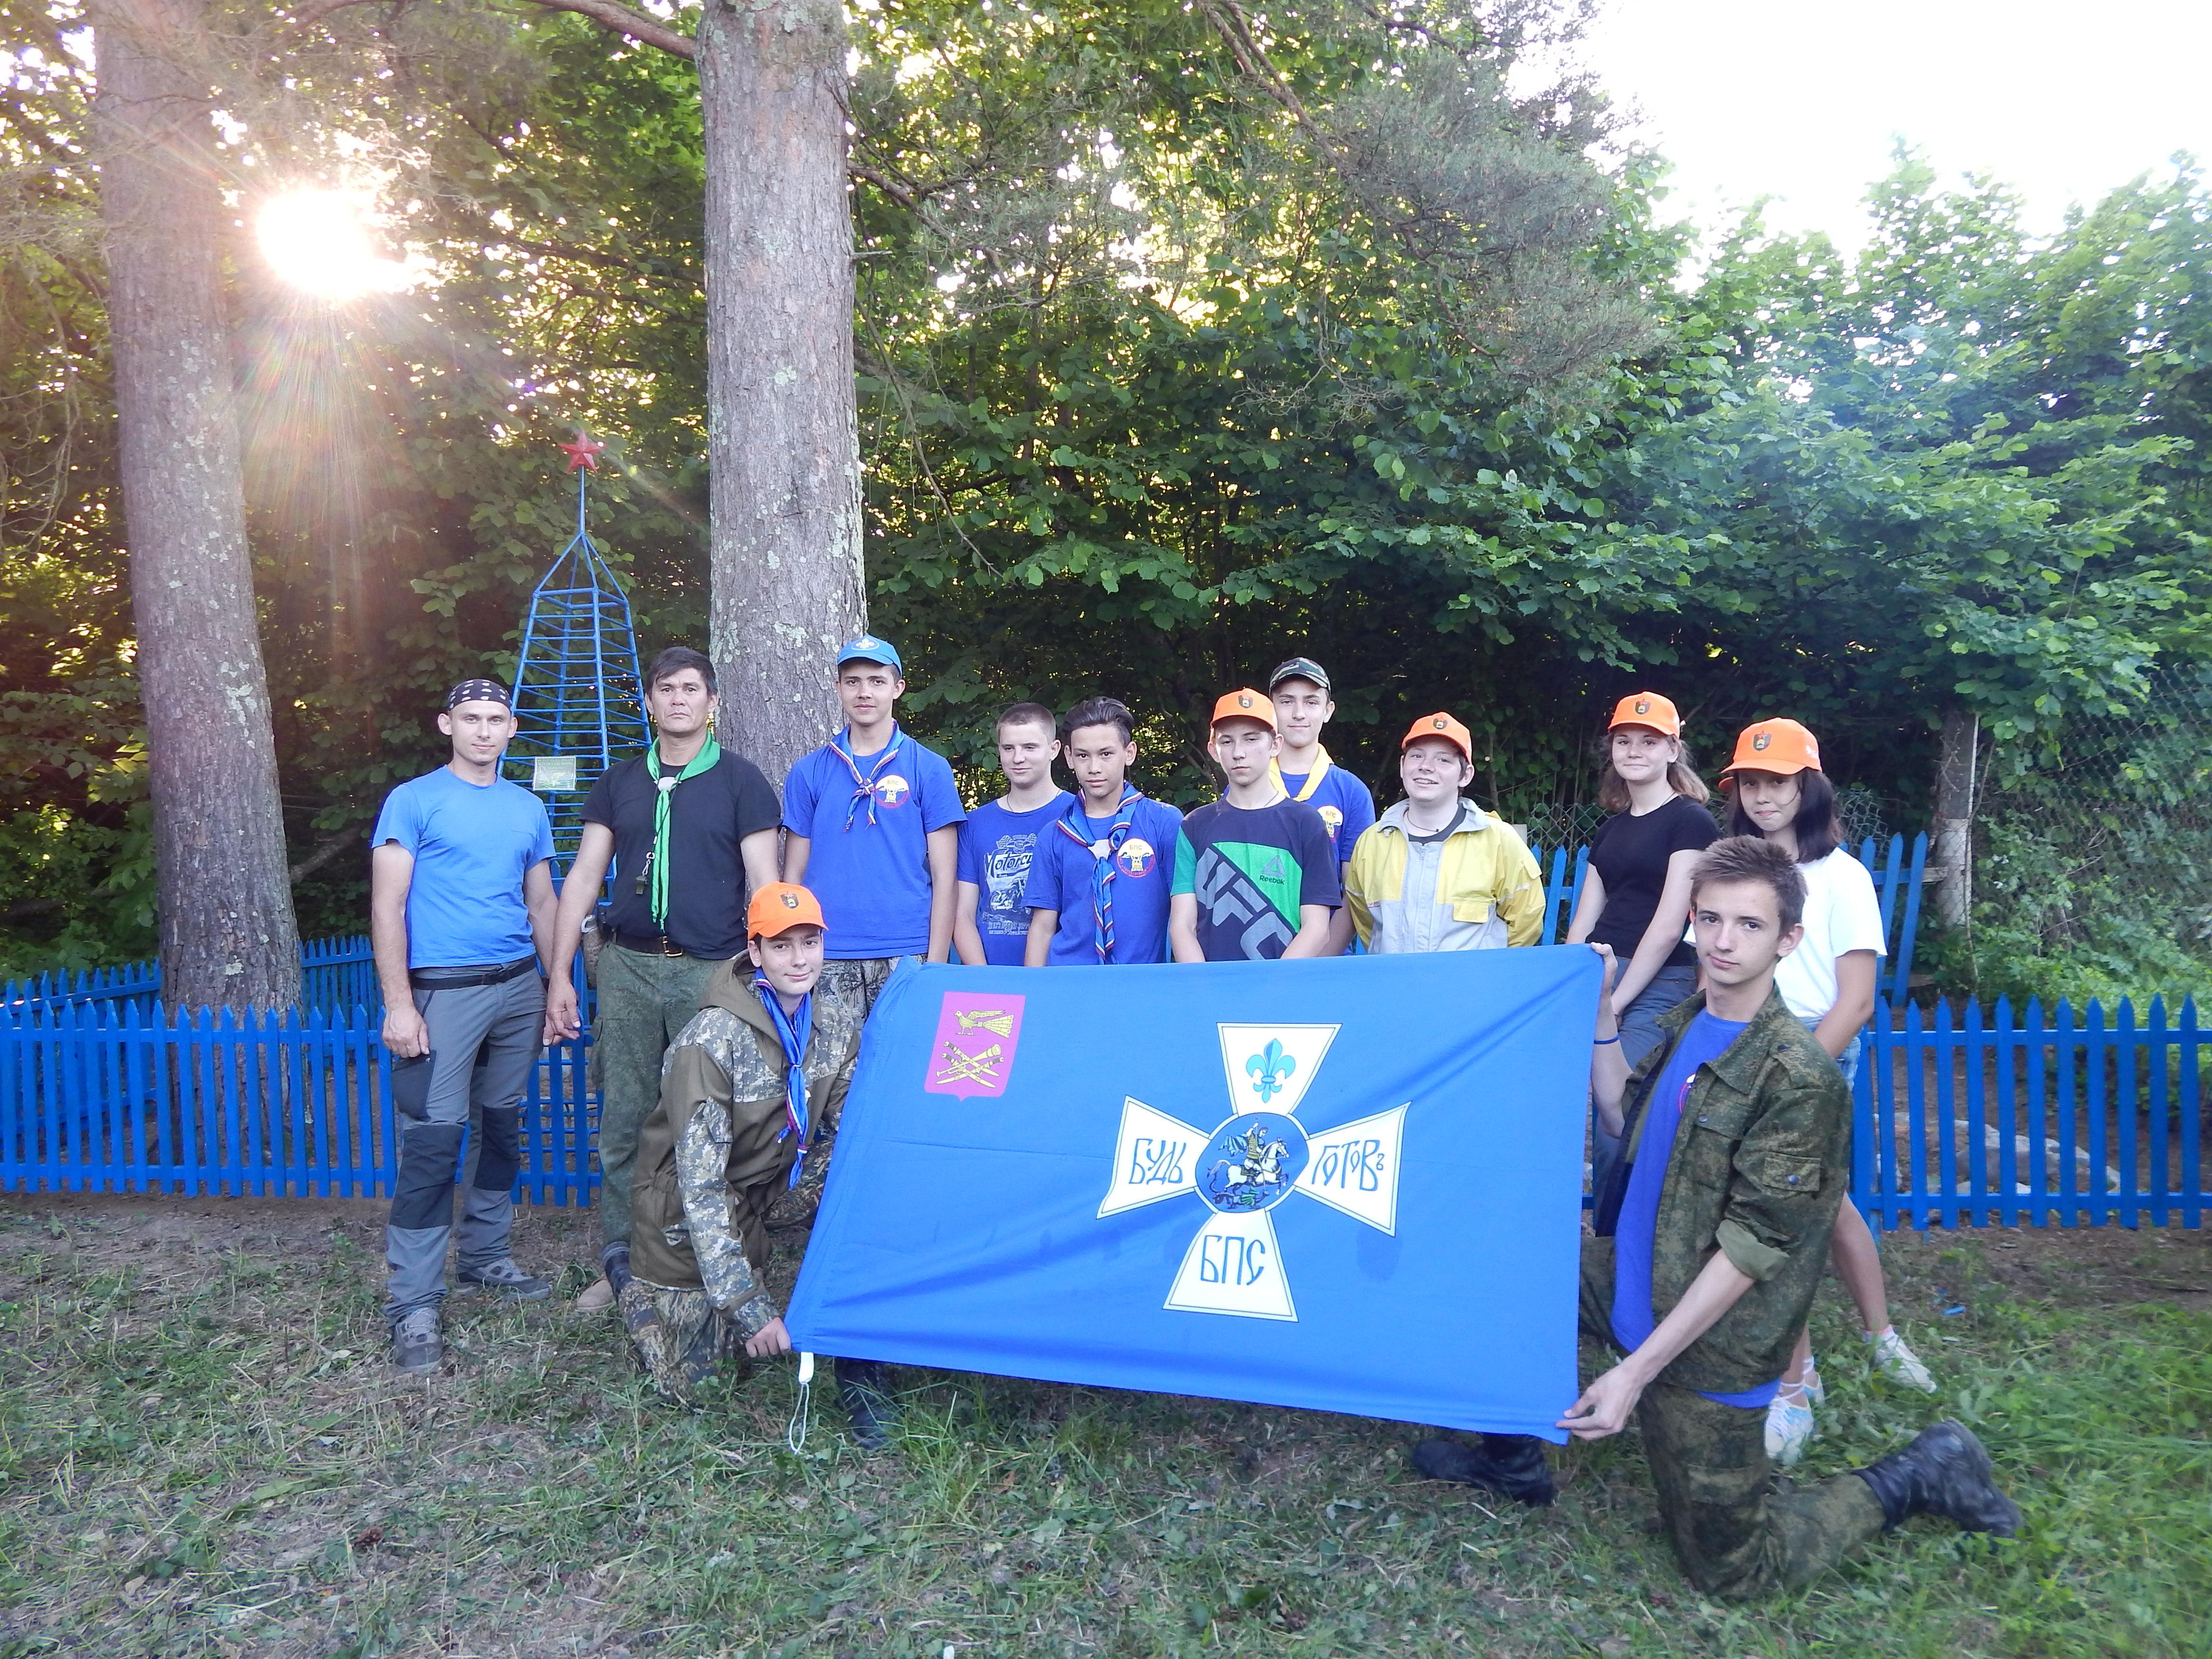 Следопыты Кореновского отделения БПС совершили поход по следам погибших воинов - защитников Кавказа в годы ВОВ